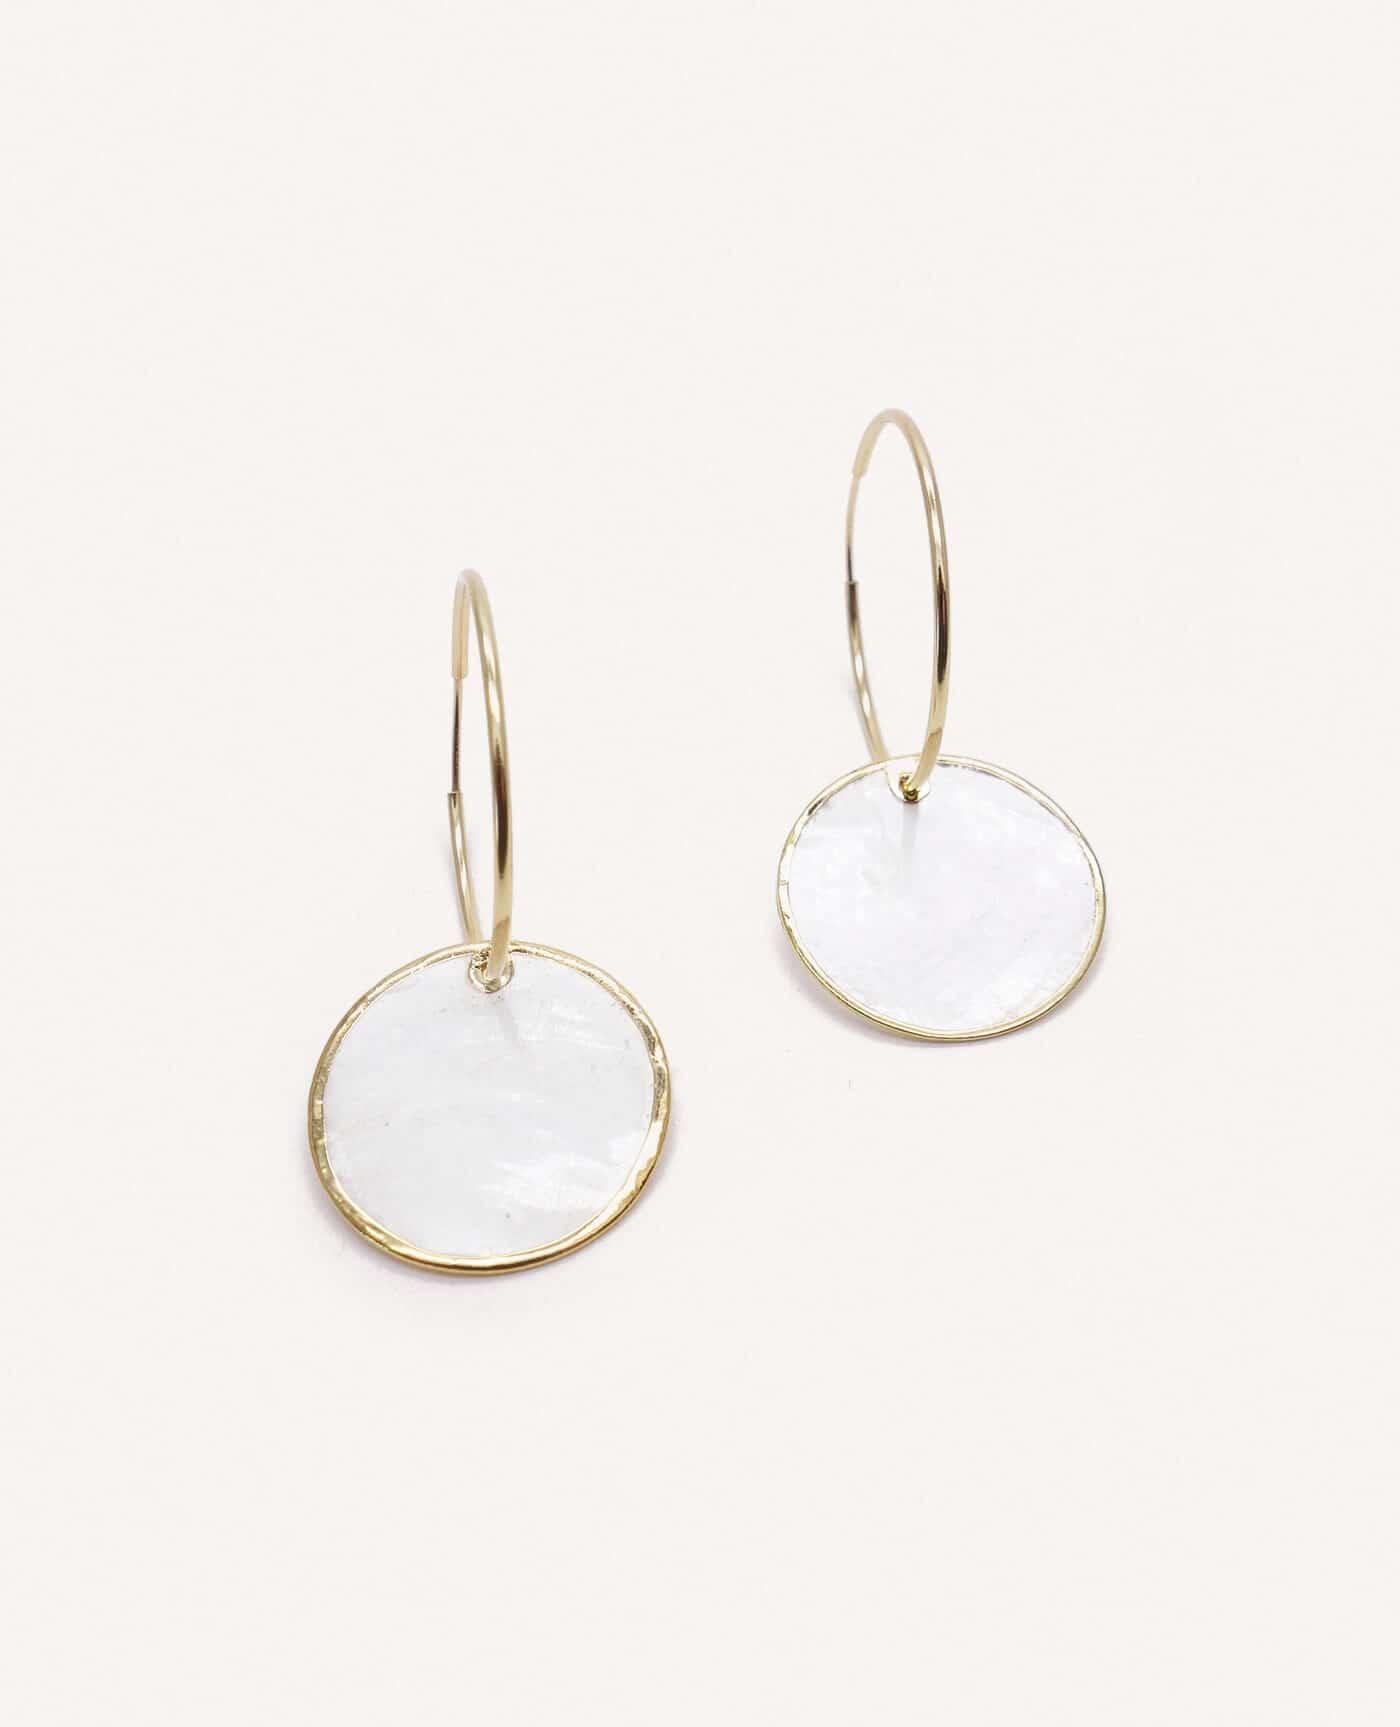 Boucles d'oreilles créoles en or et nacre de la marque Gisel B made in France